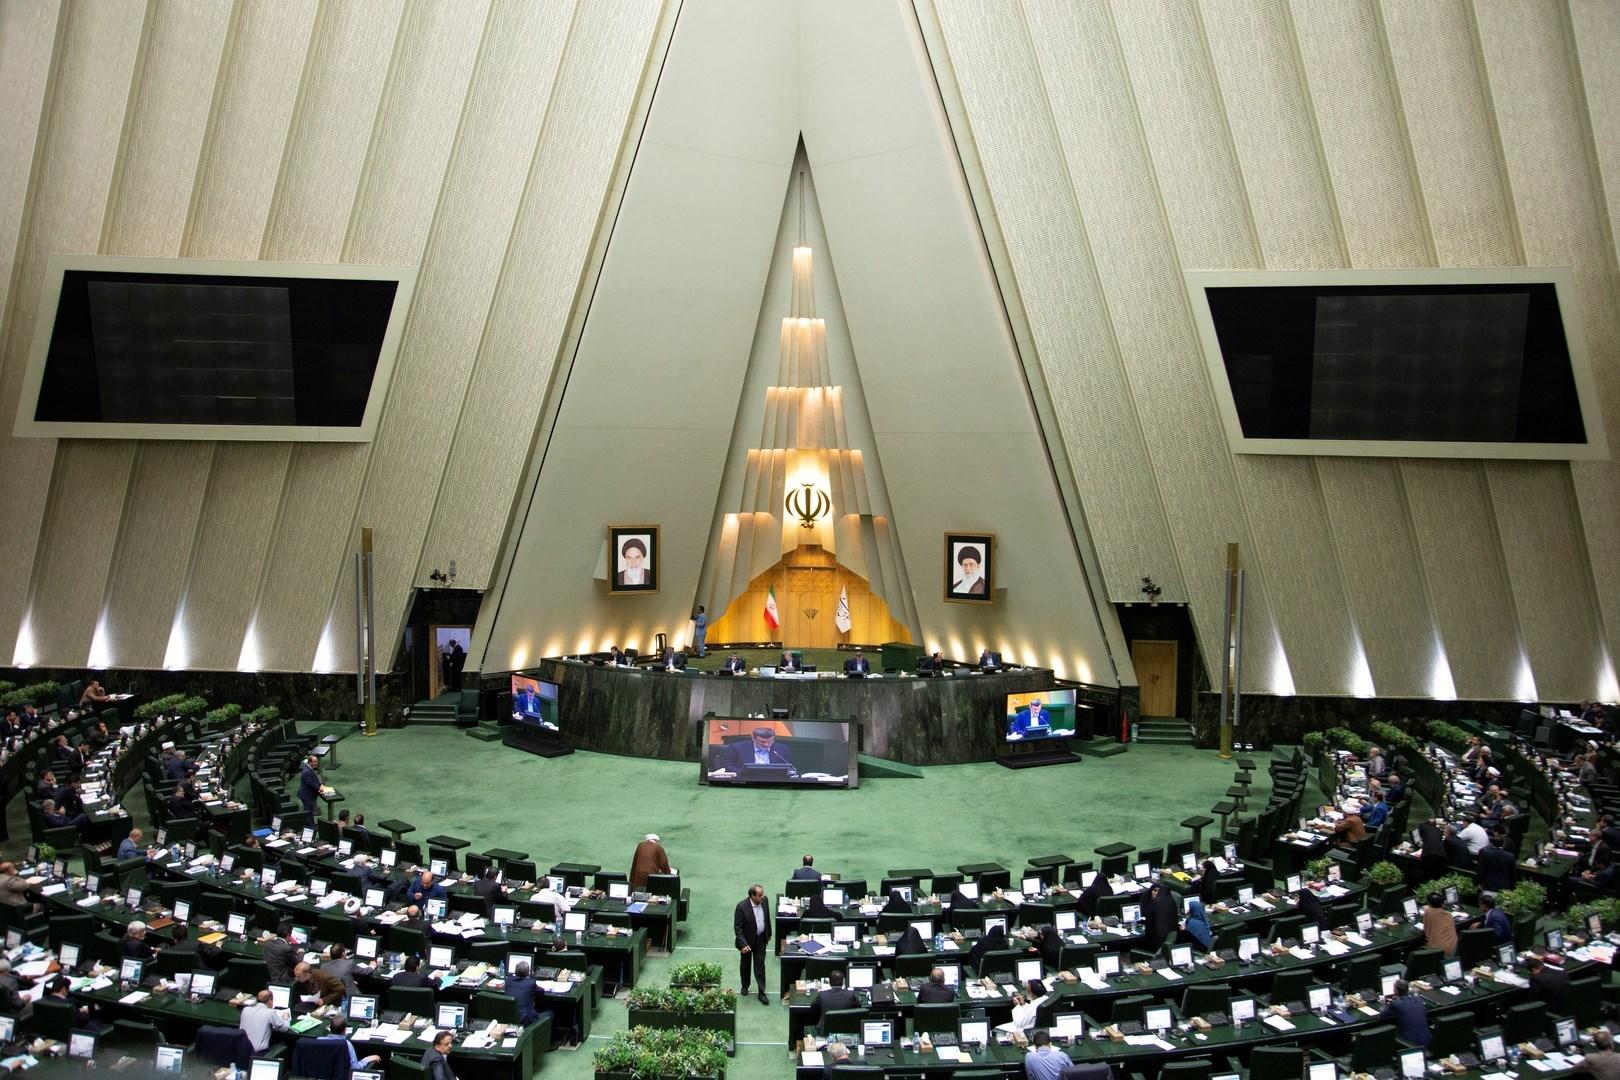 طهران تلوح بطرد مفتشي الوكالة الدولية للطاقة الذرية إذا لم يتم رفع العقوبات